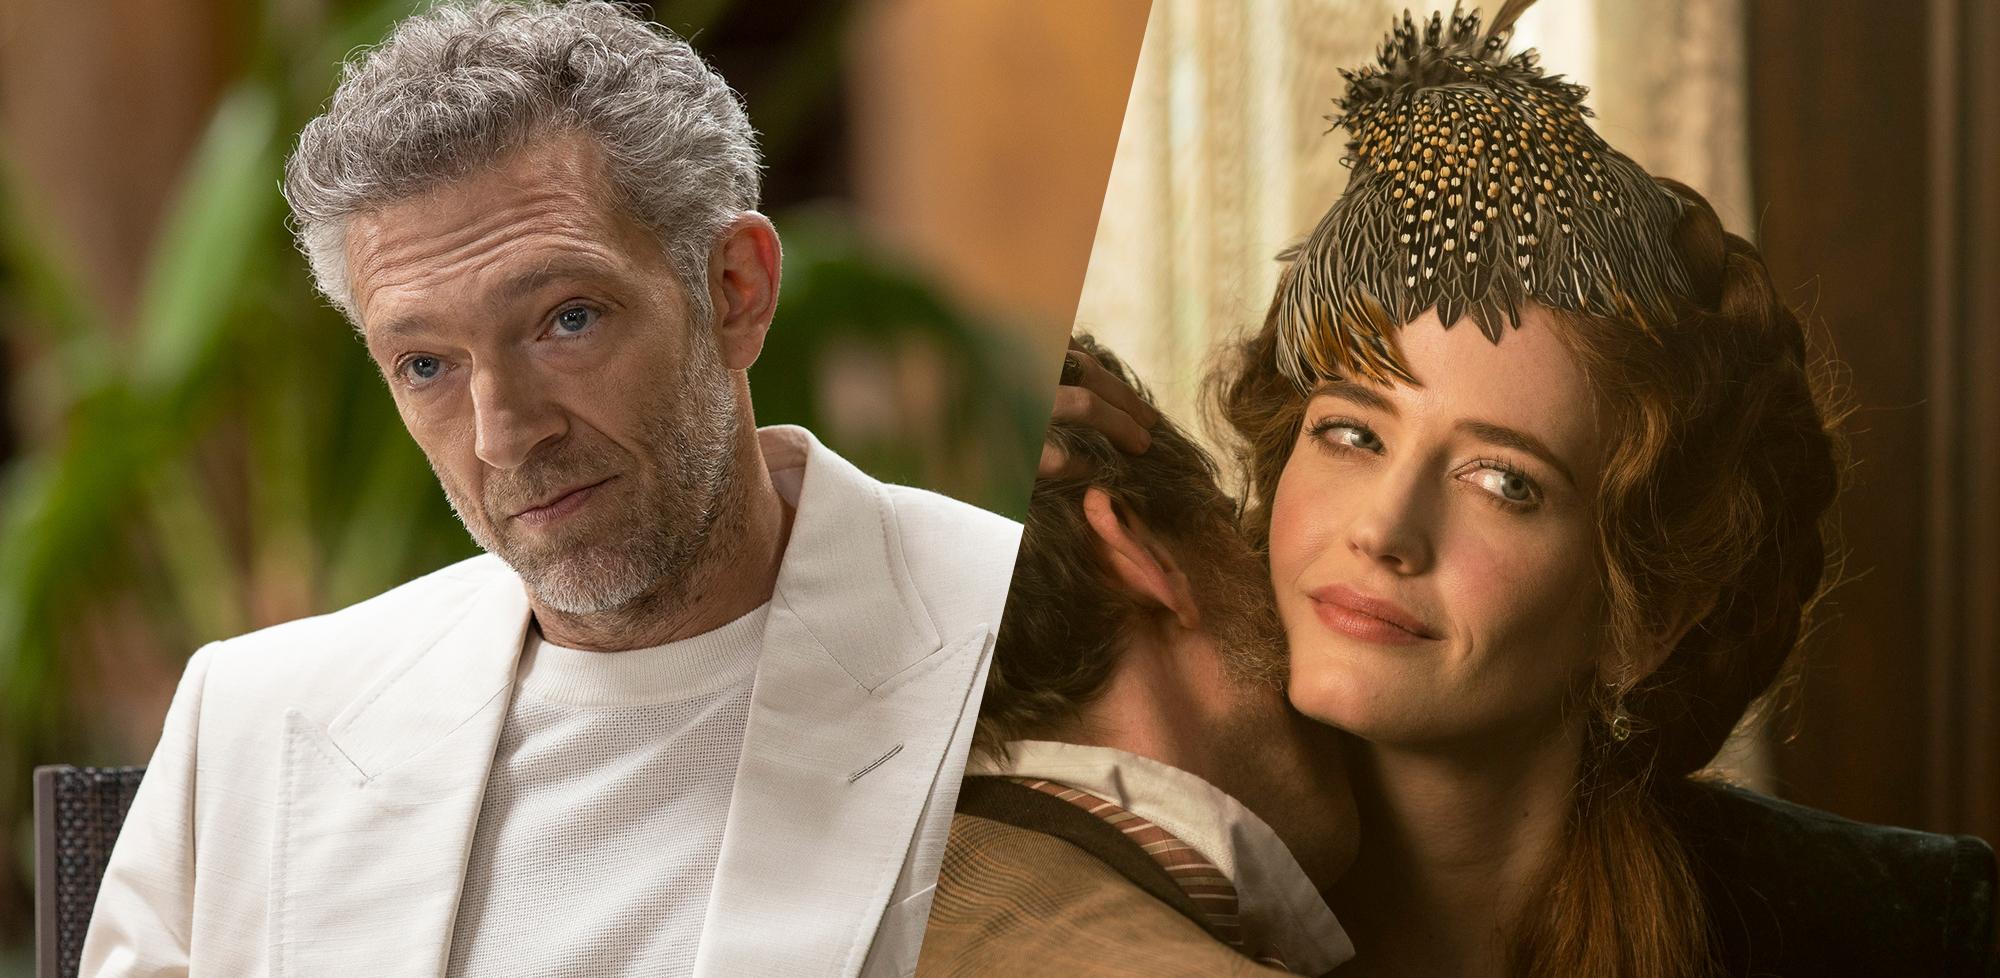 Os Três Mosqueteiros ganhará novos filmes com Vincent Cassel, Eva Green e mais